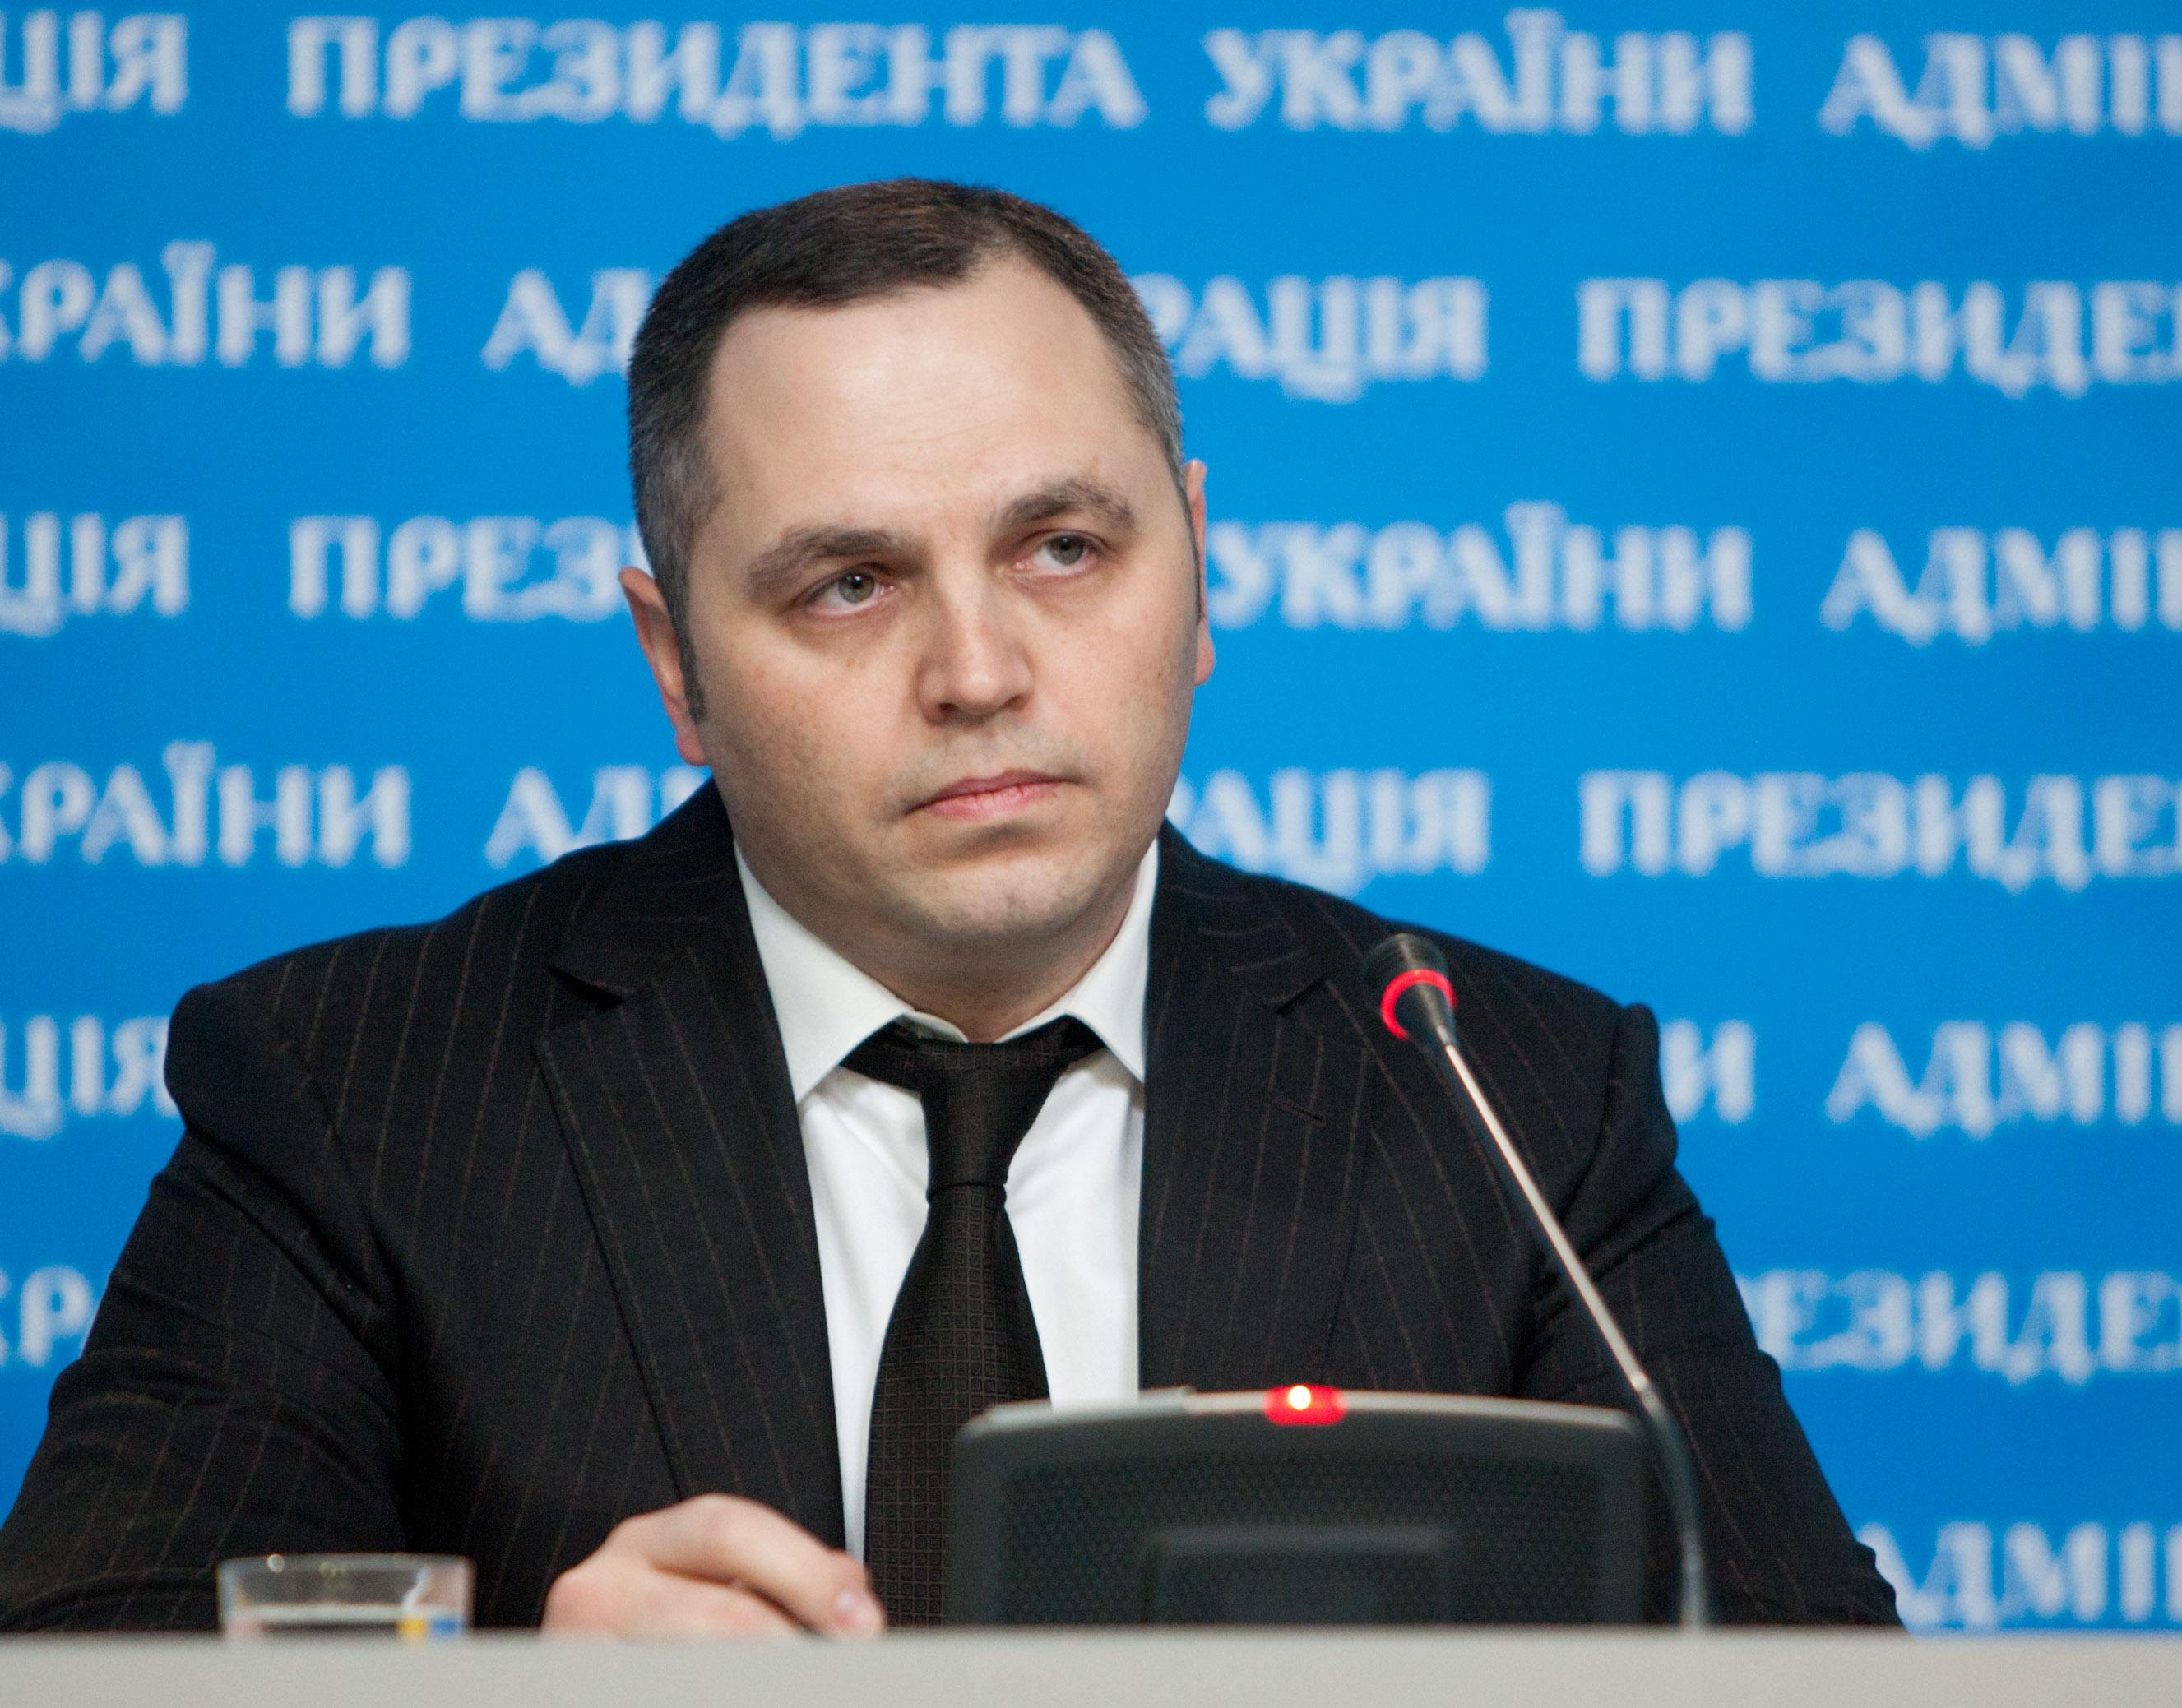 Андрей Портнов: Петр Порошенко нереально тупой президент